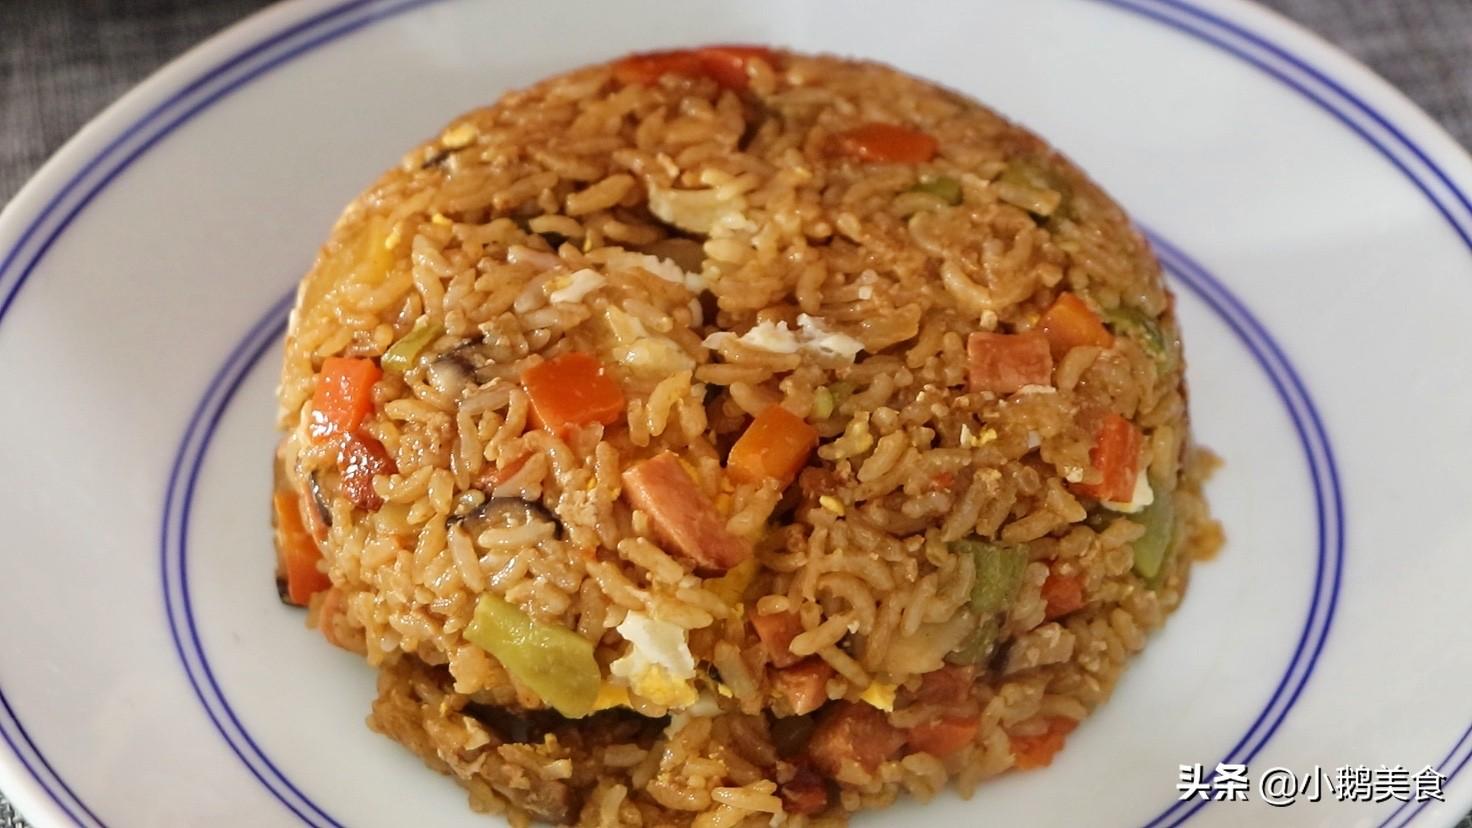 自从米饭学会这样煮,我家大米不够吃了,连挑食的孩子都抢着吃 美食做法 第8张